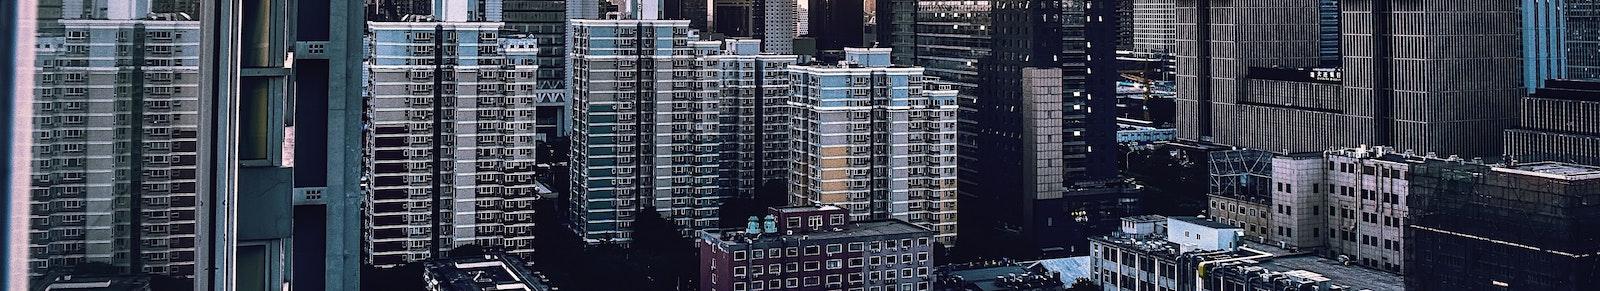 Buildings in a city representing a REIT return calculator